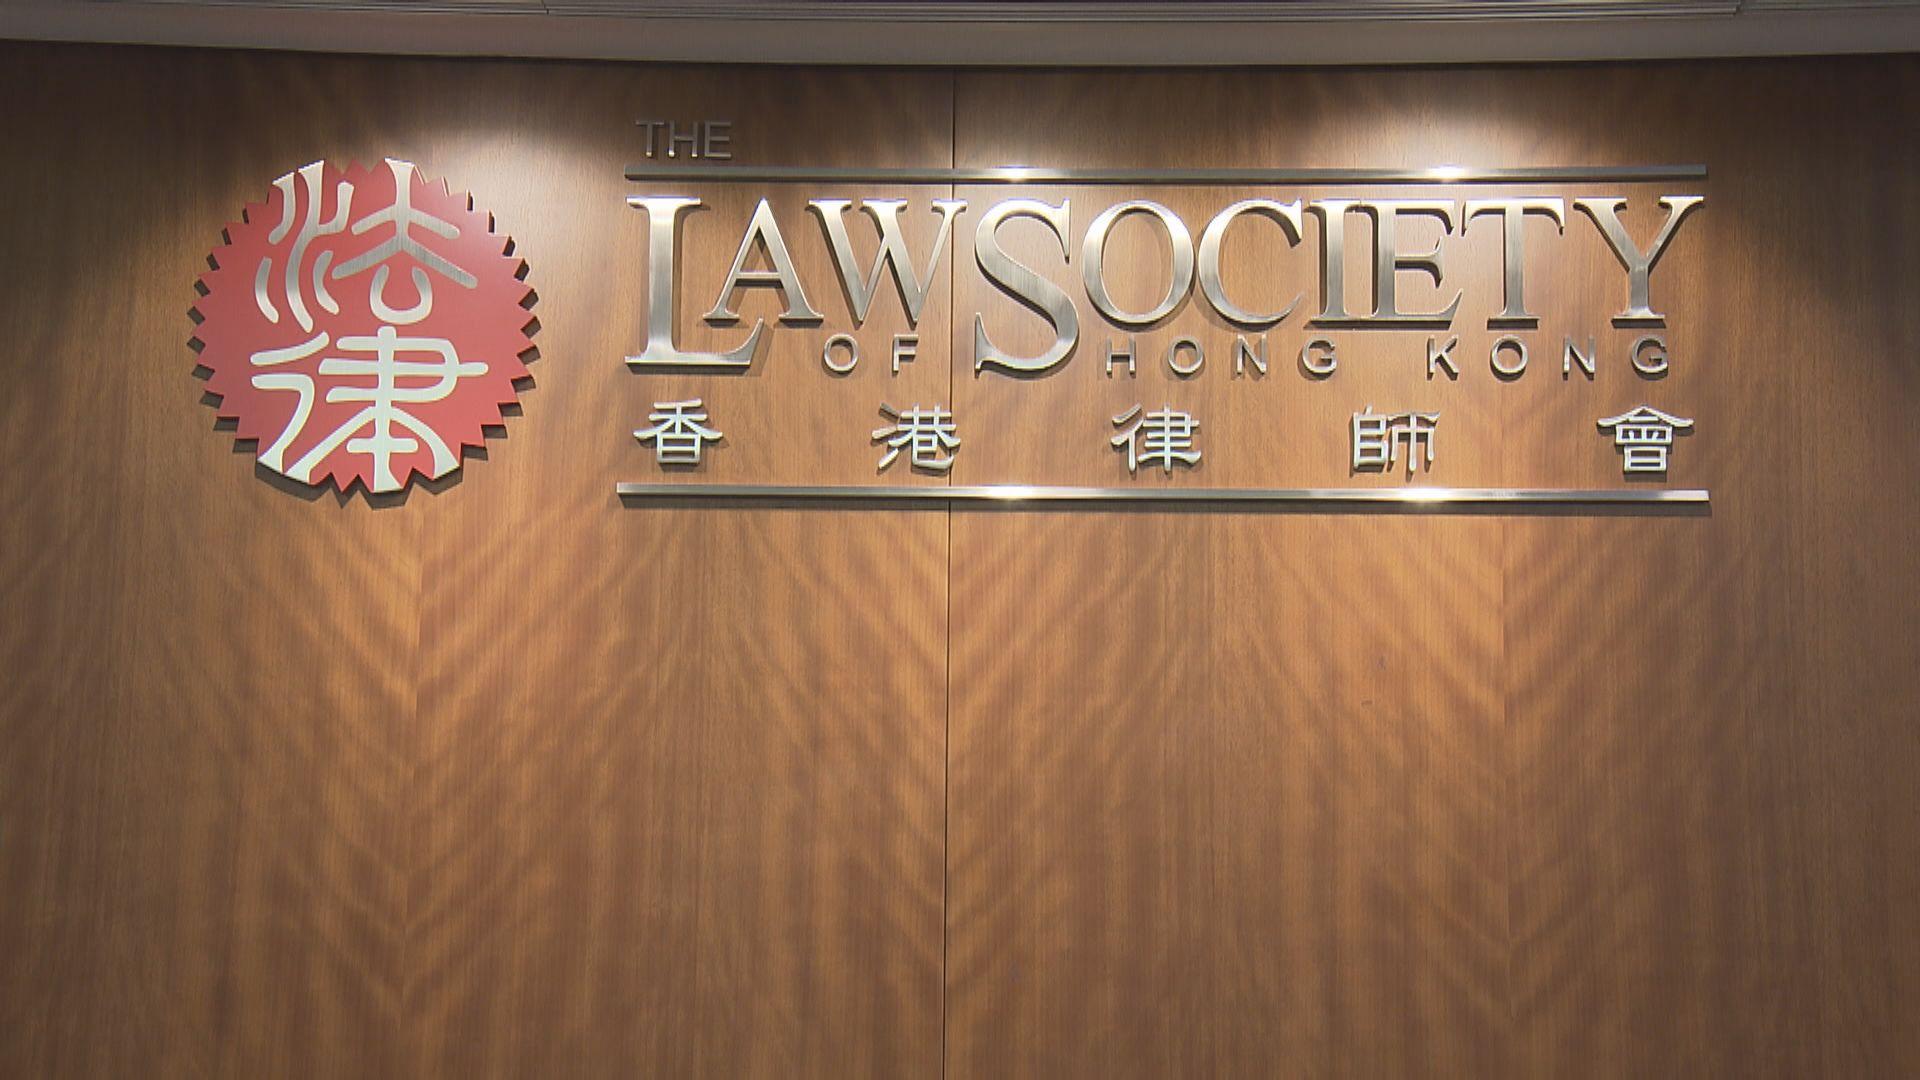 律師會指逾100間律師樓願協助黃馮律師行前客戶